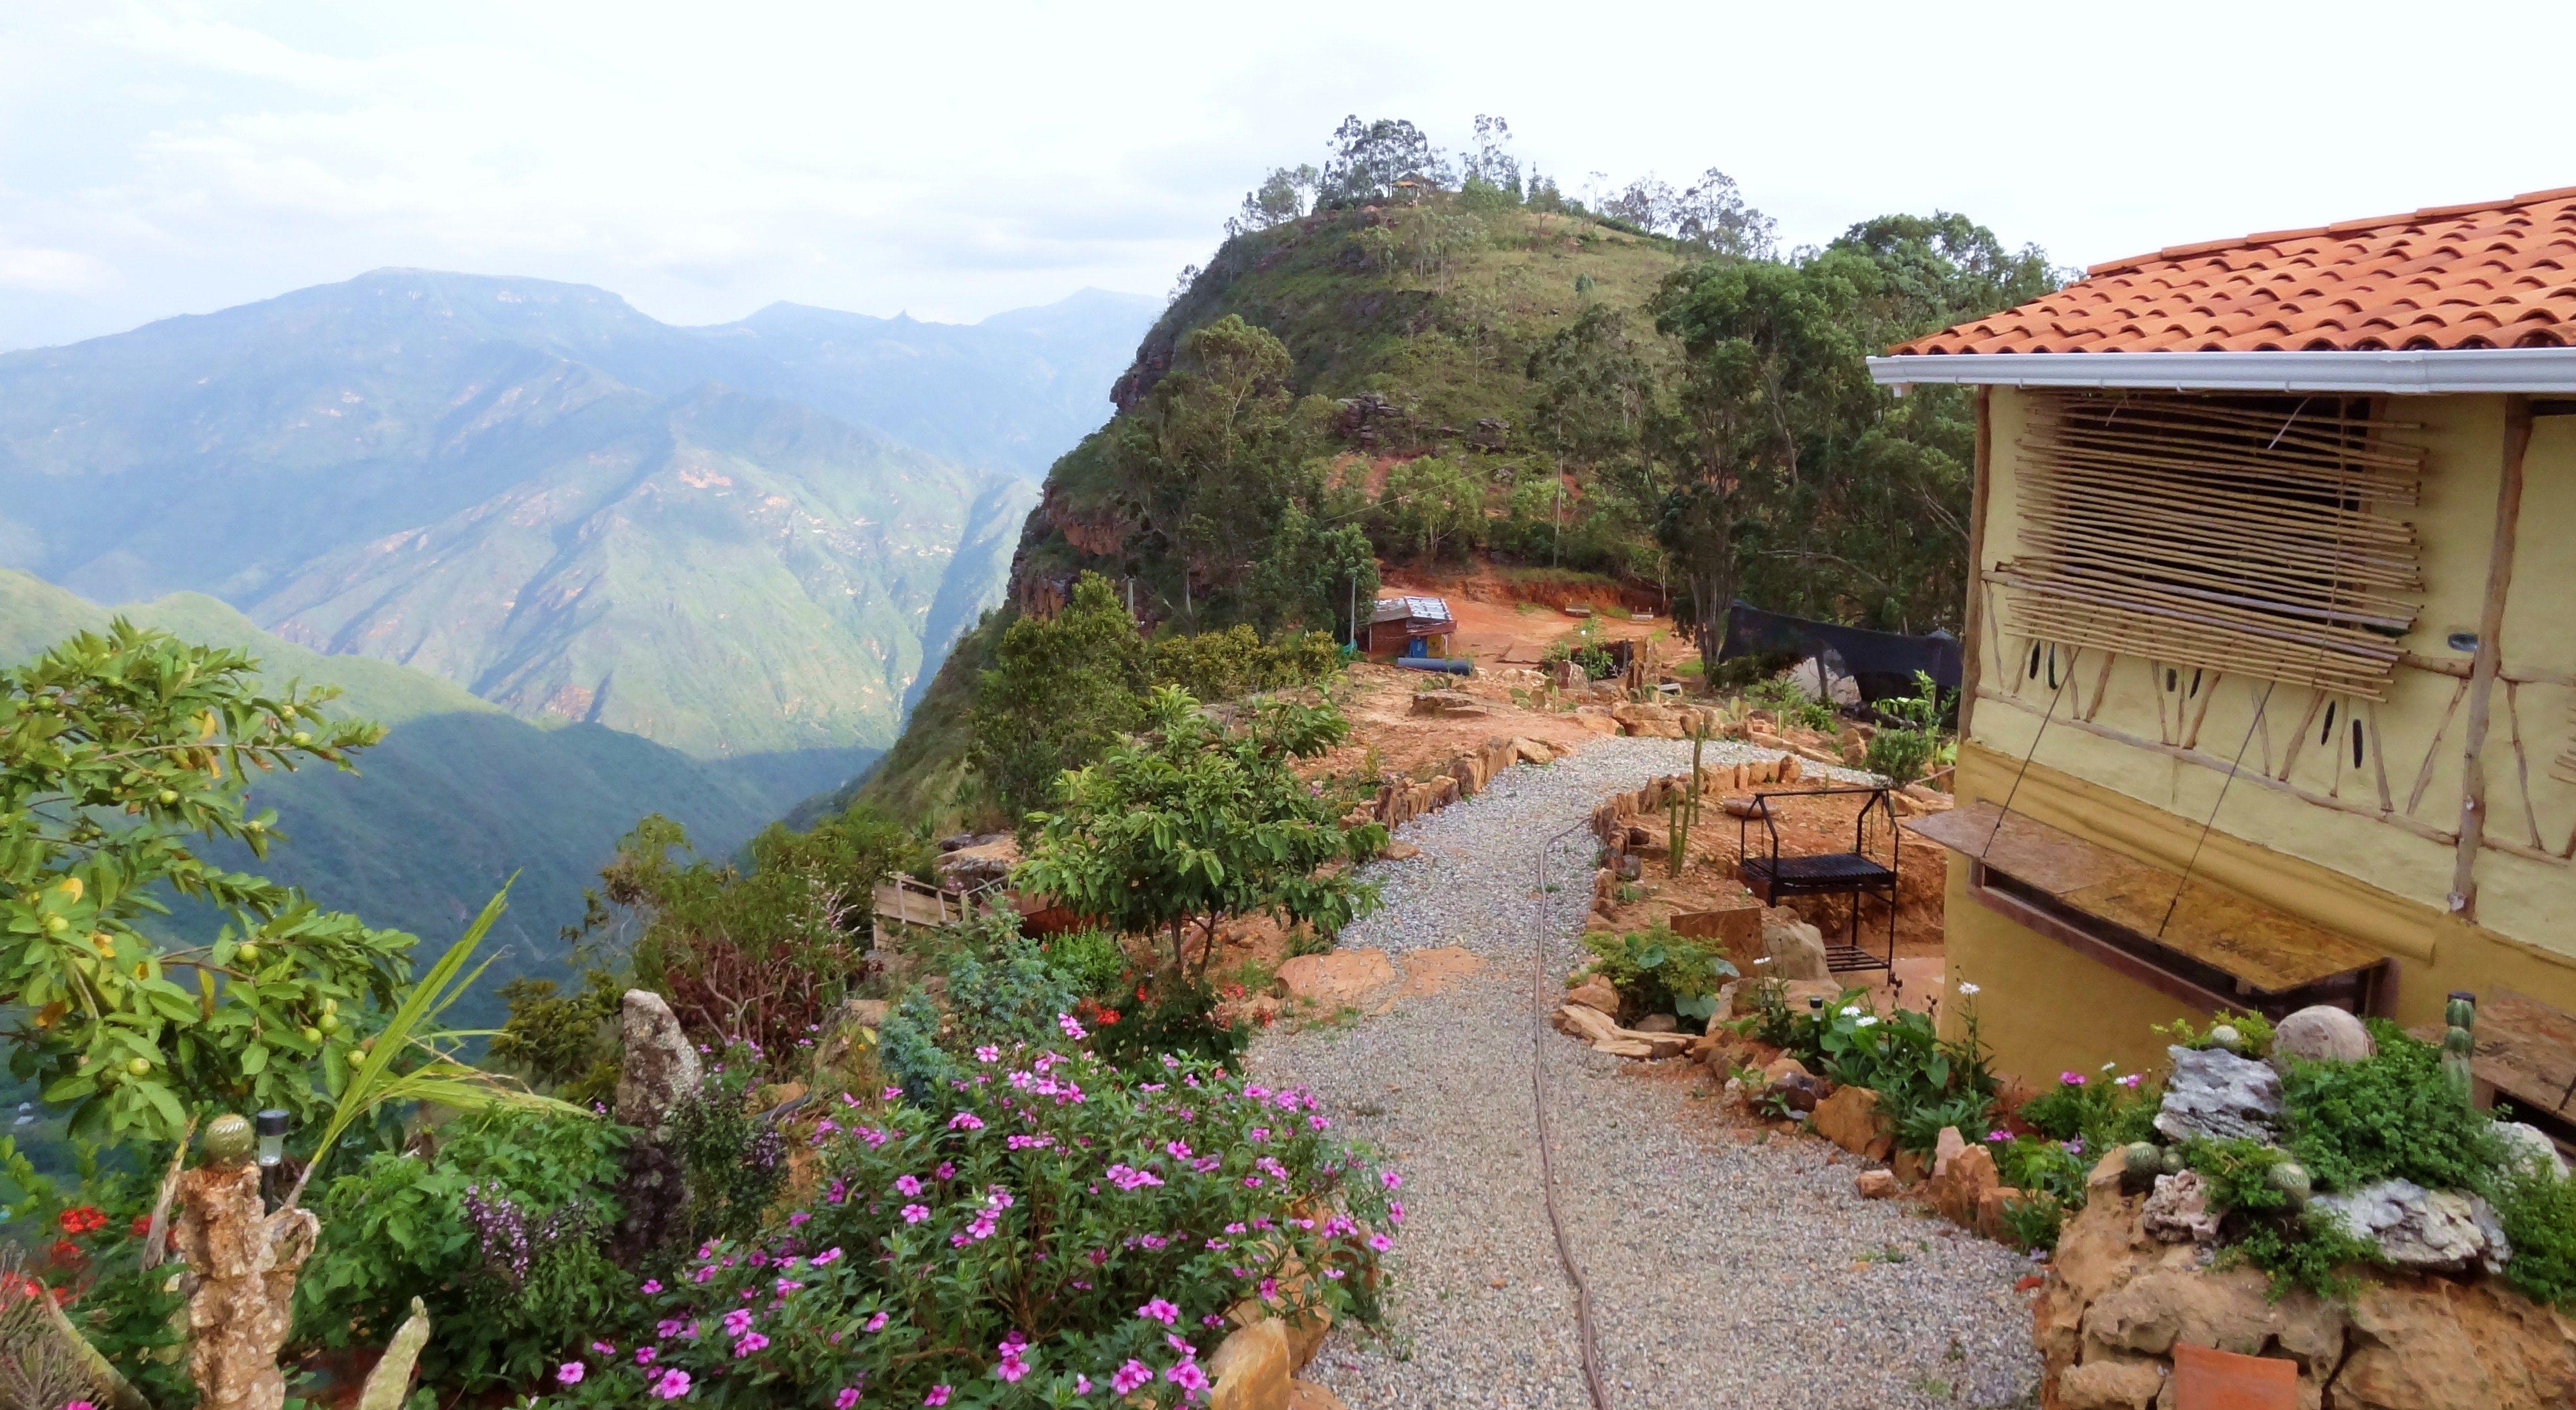 Sitios turísticos en Santander para tus vacaciones - Refugio La roca